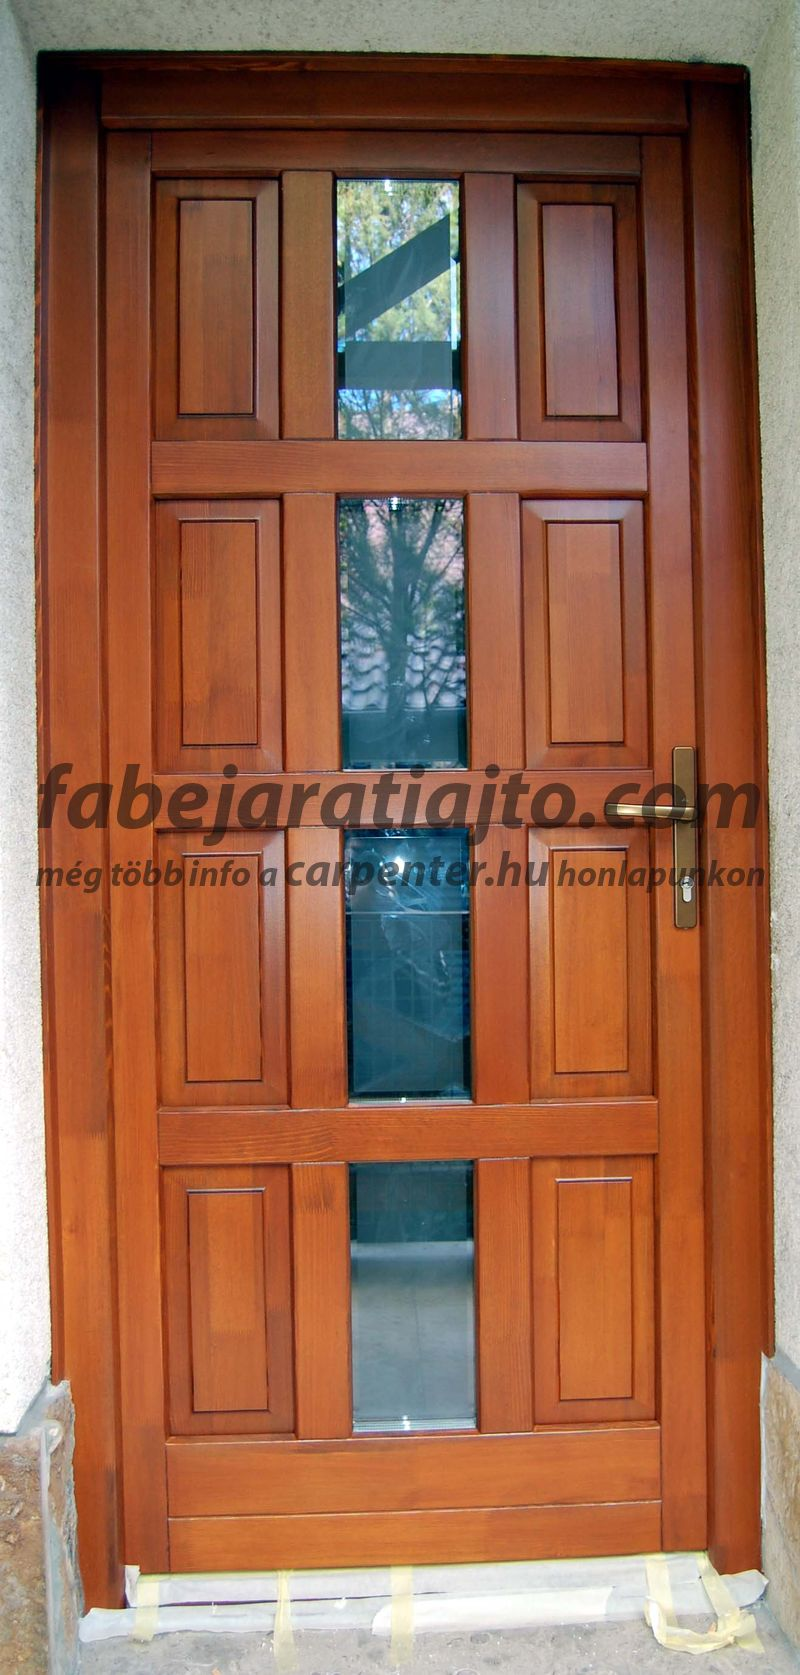 fa bejárati ajtó ,családi ház